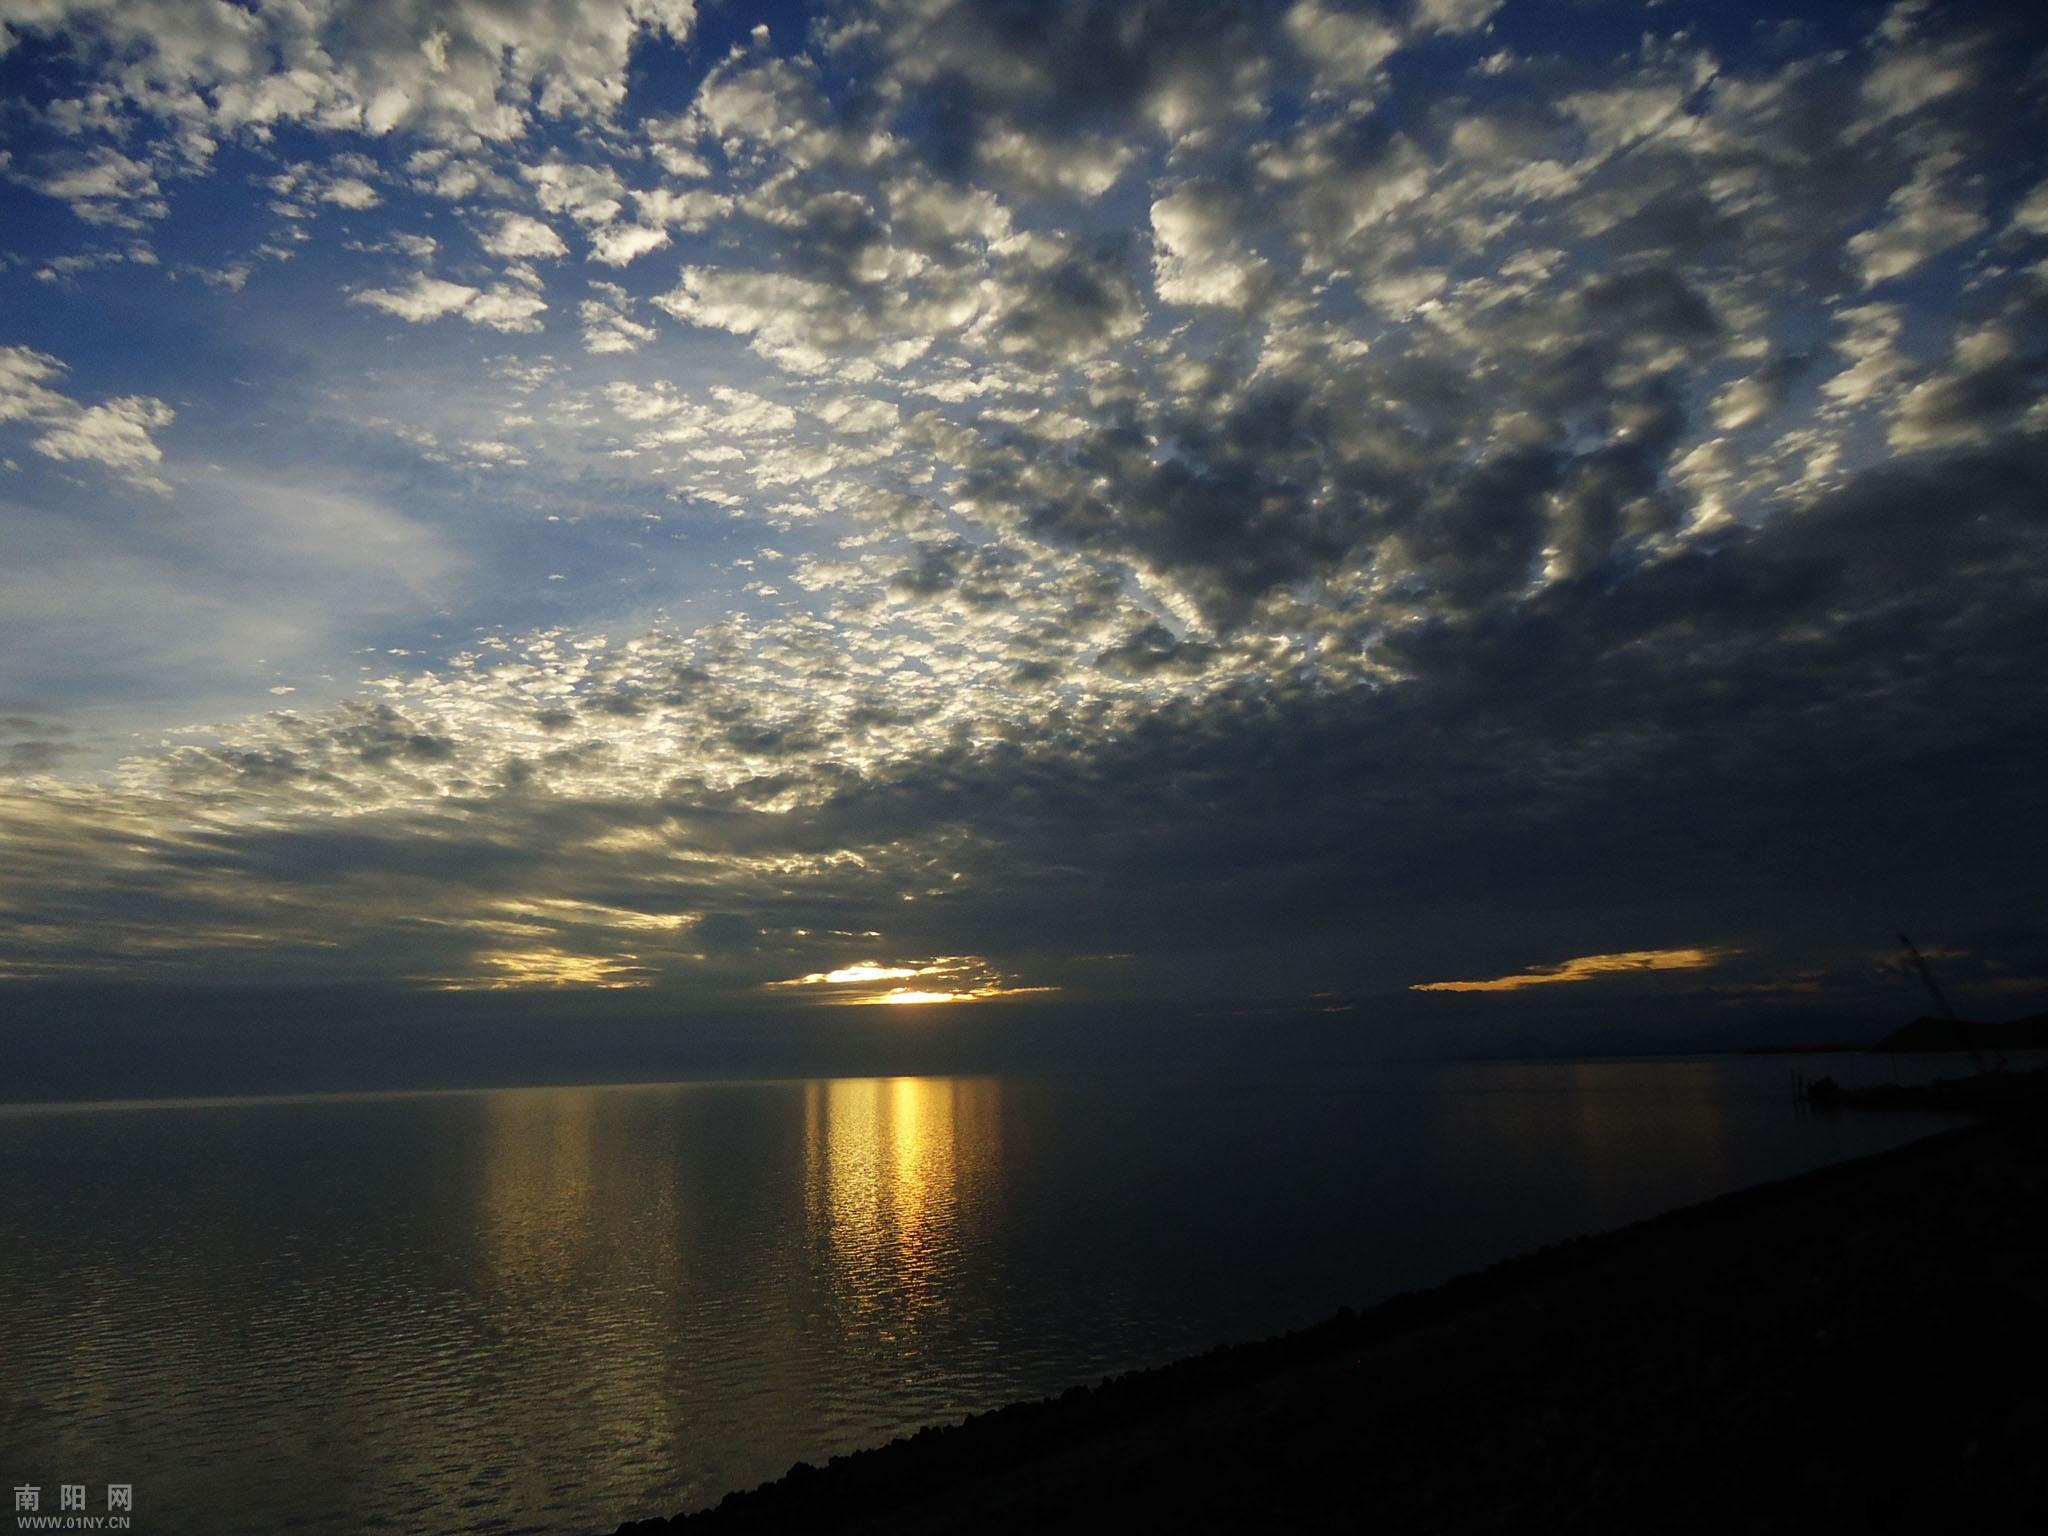 手机海边日落